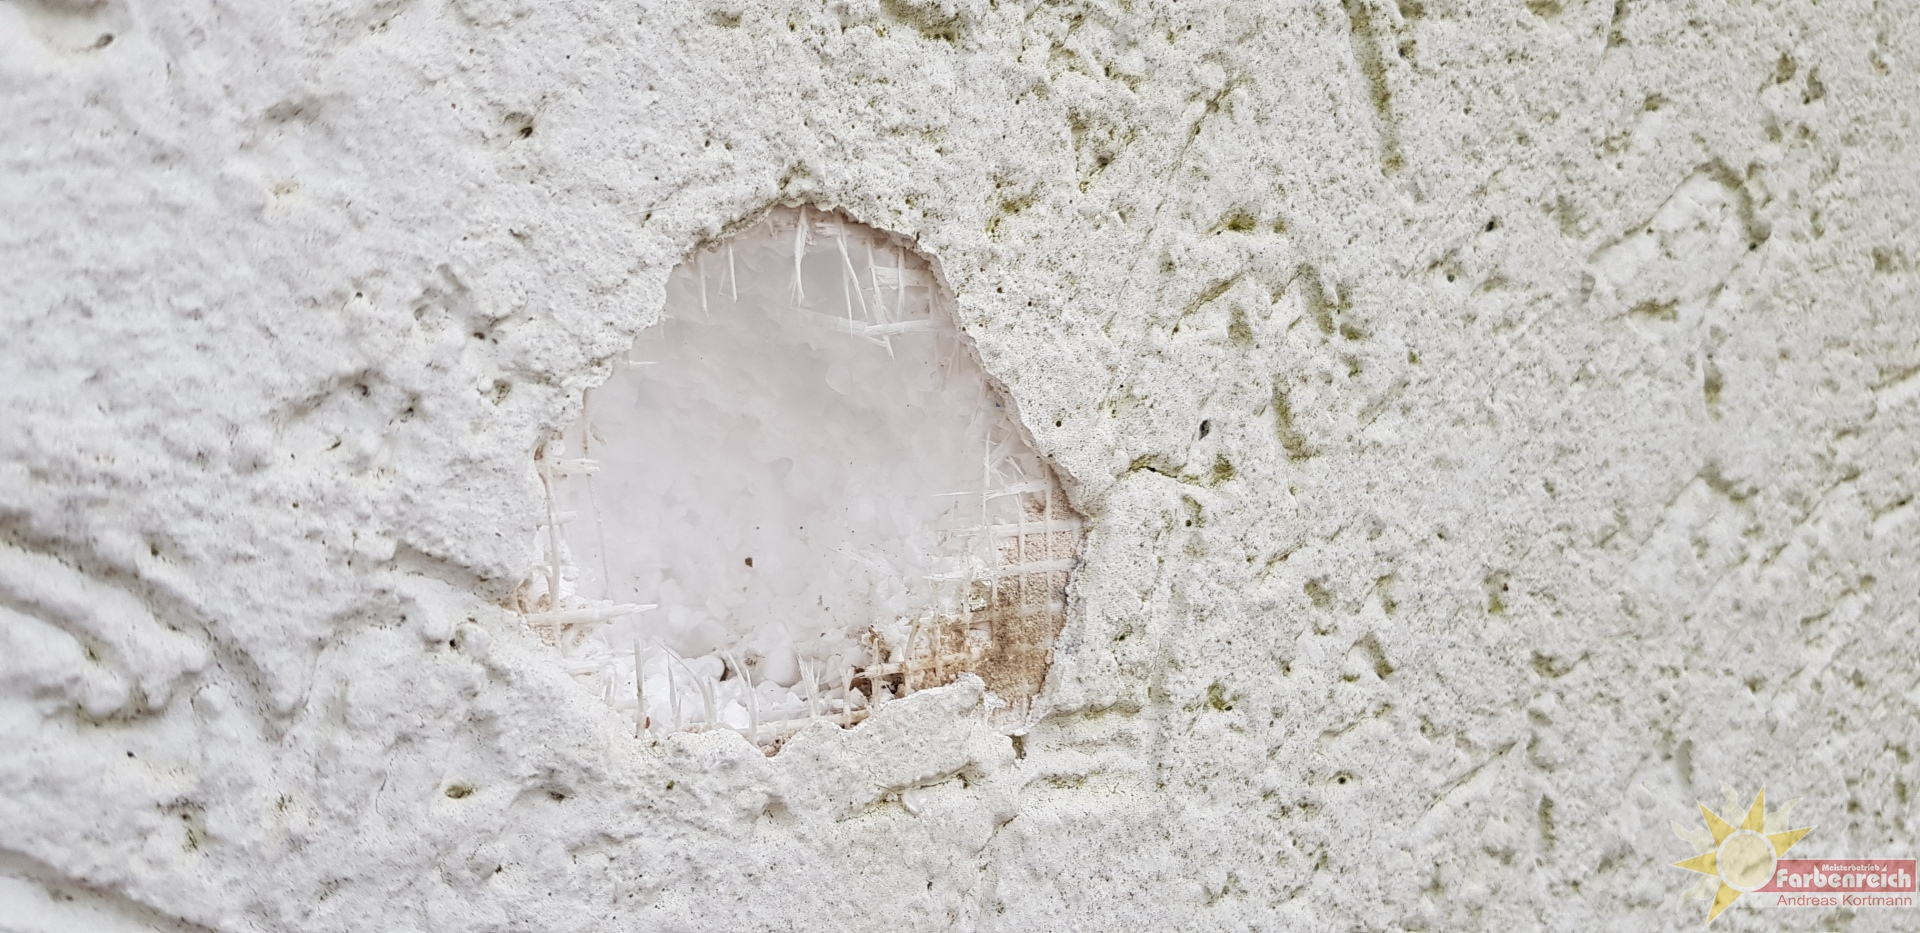 Wärmedämmverbundsystem, beiarbeiten, Verursacher ein Specht. Grünspecht oder Buntspecht stand nicht dabei.